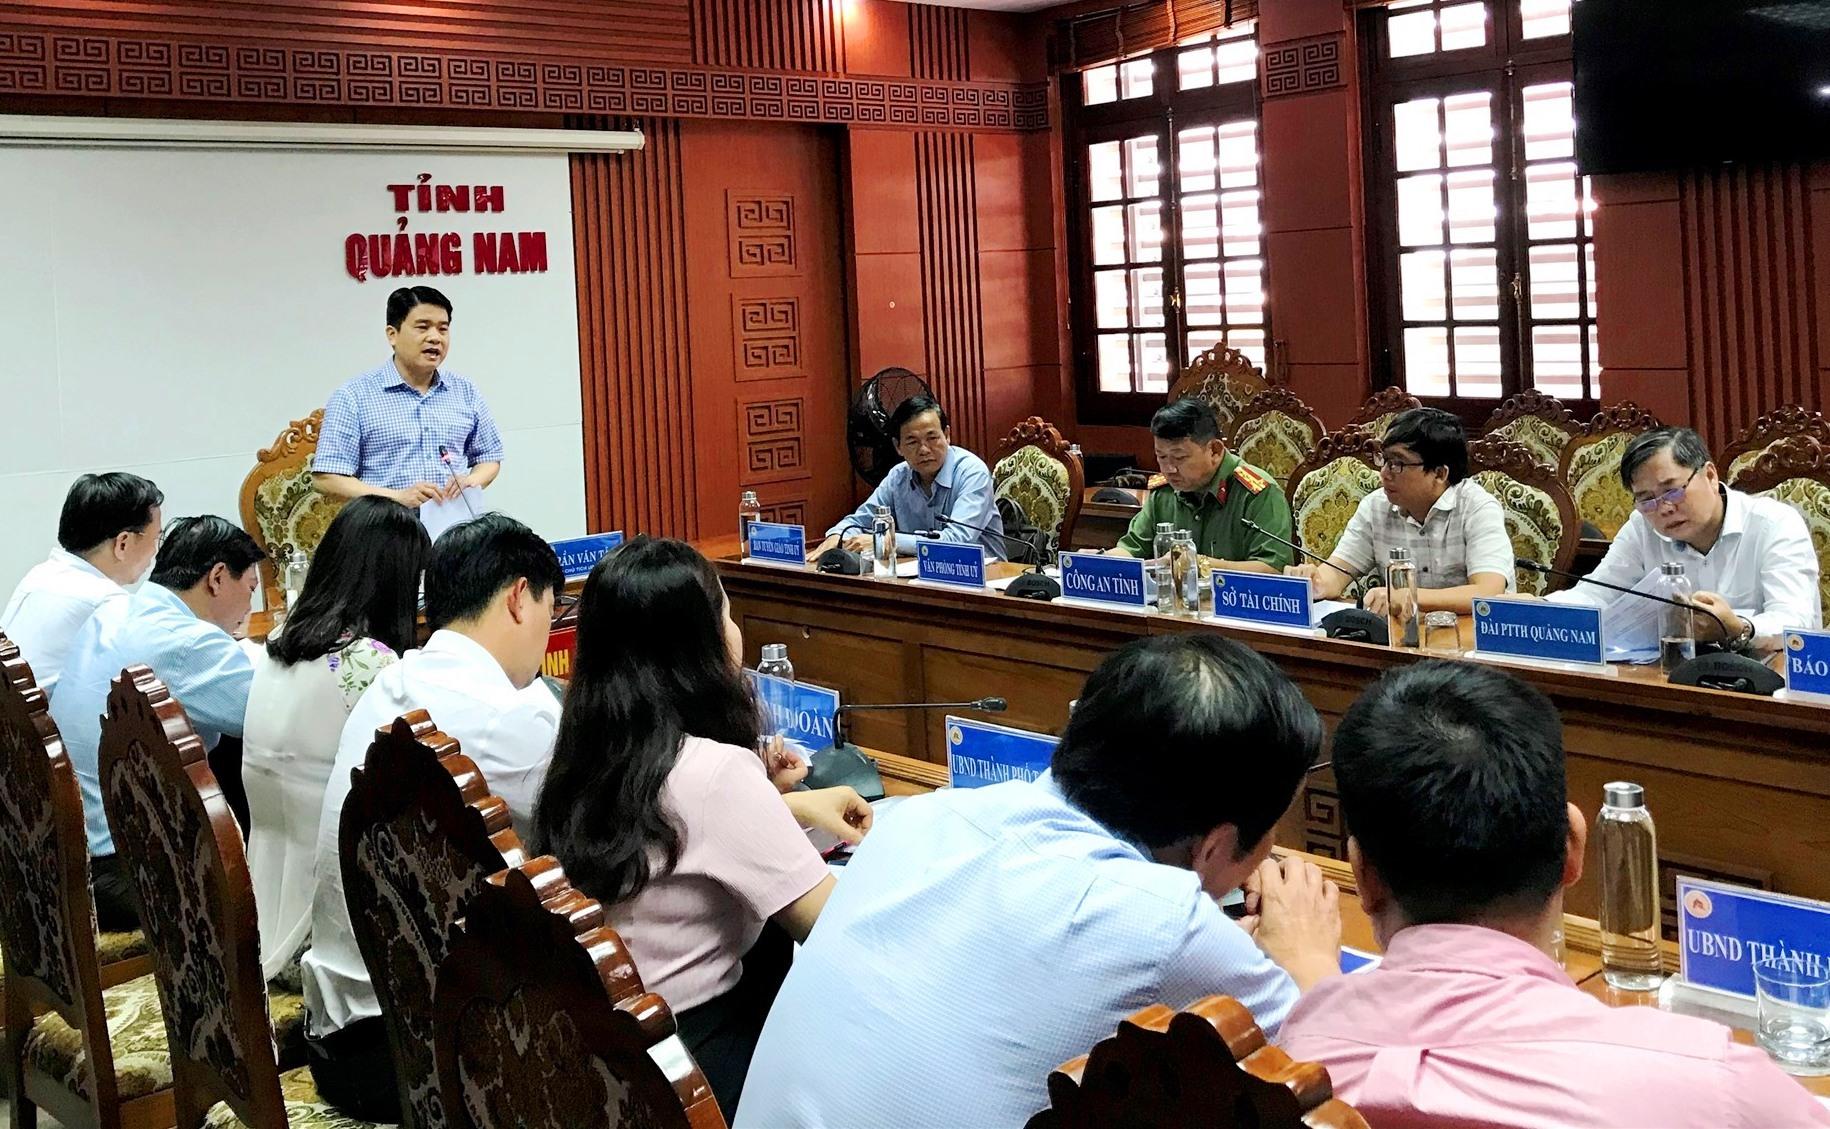 Phó Chủ tịch UBND tỉnh Trần Văn Tân phát biểu tại cuộc họp. Ảnh: V.A